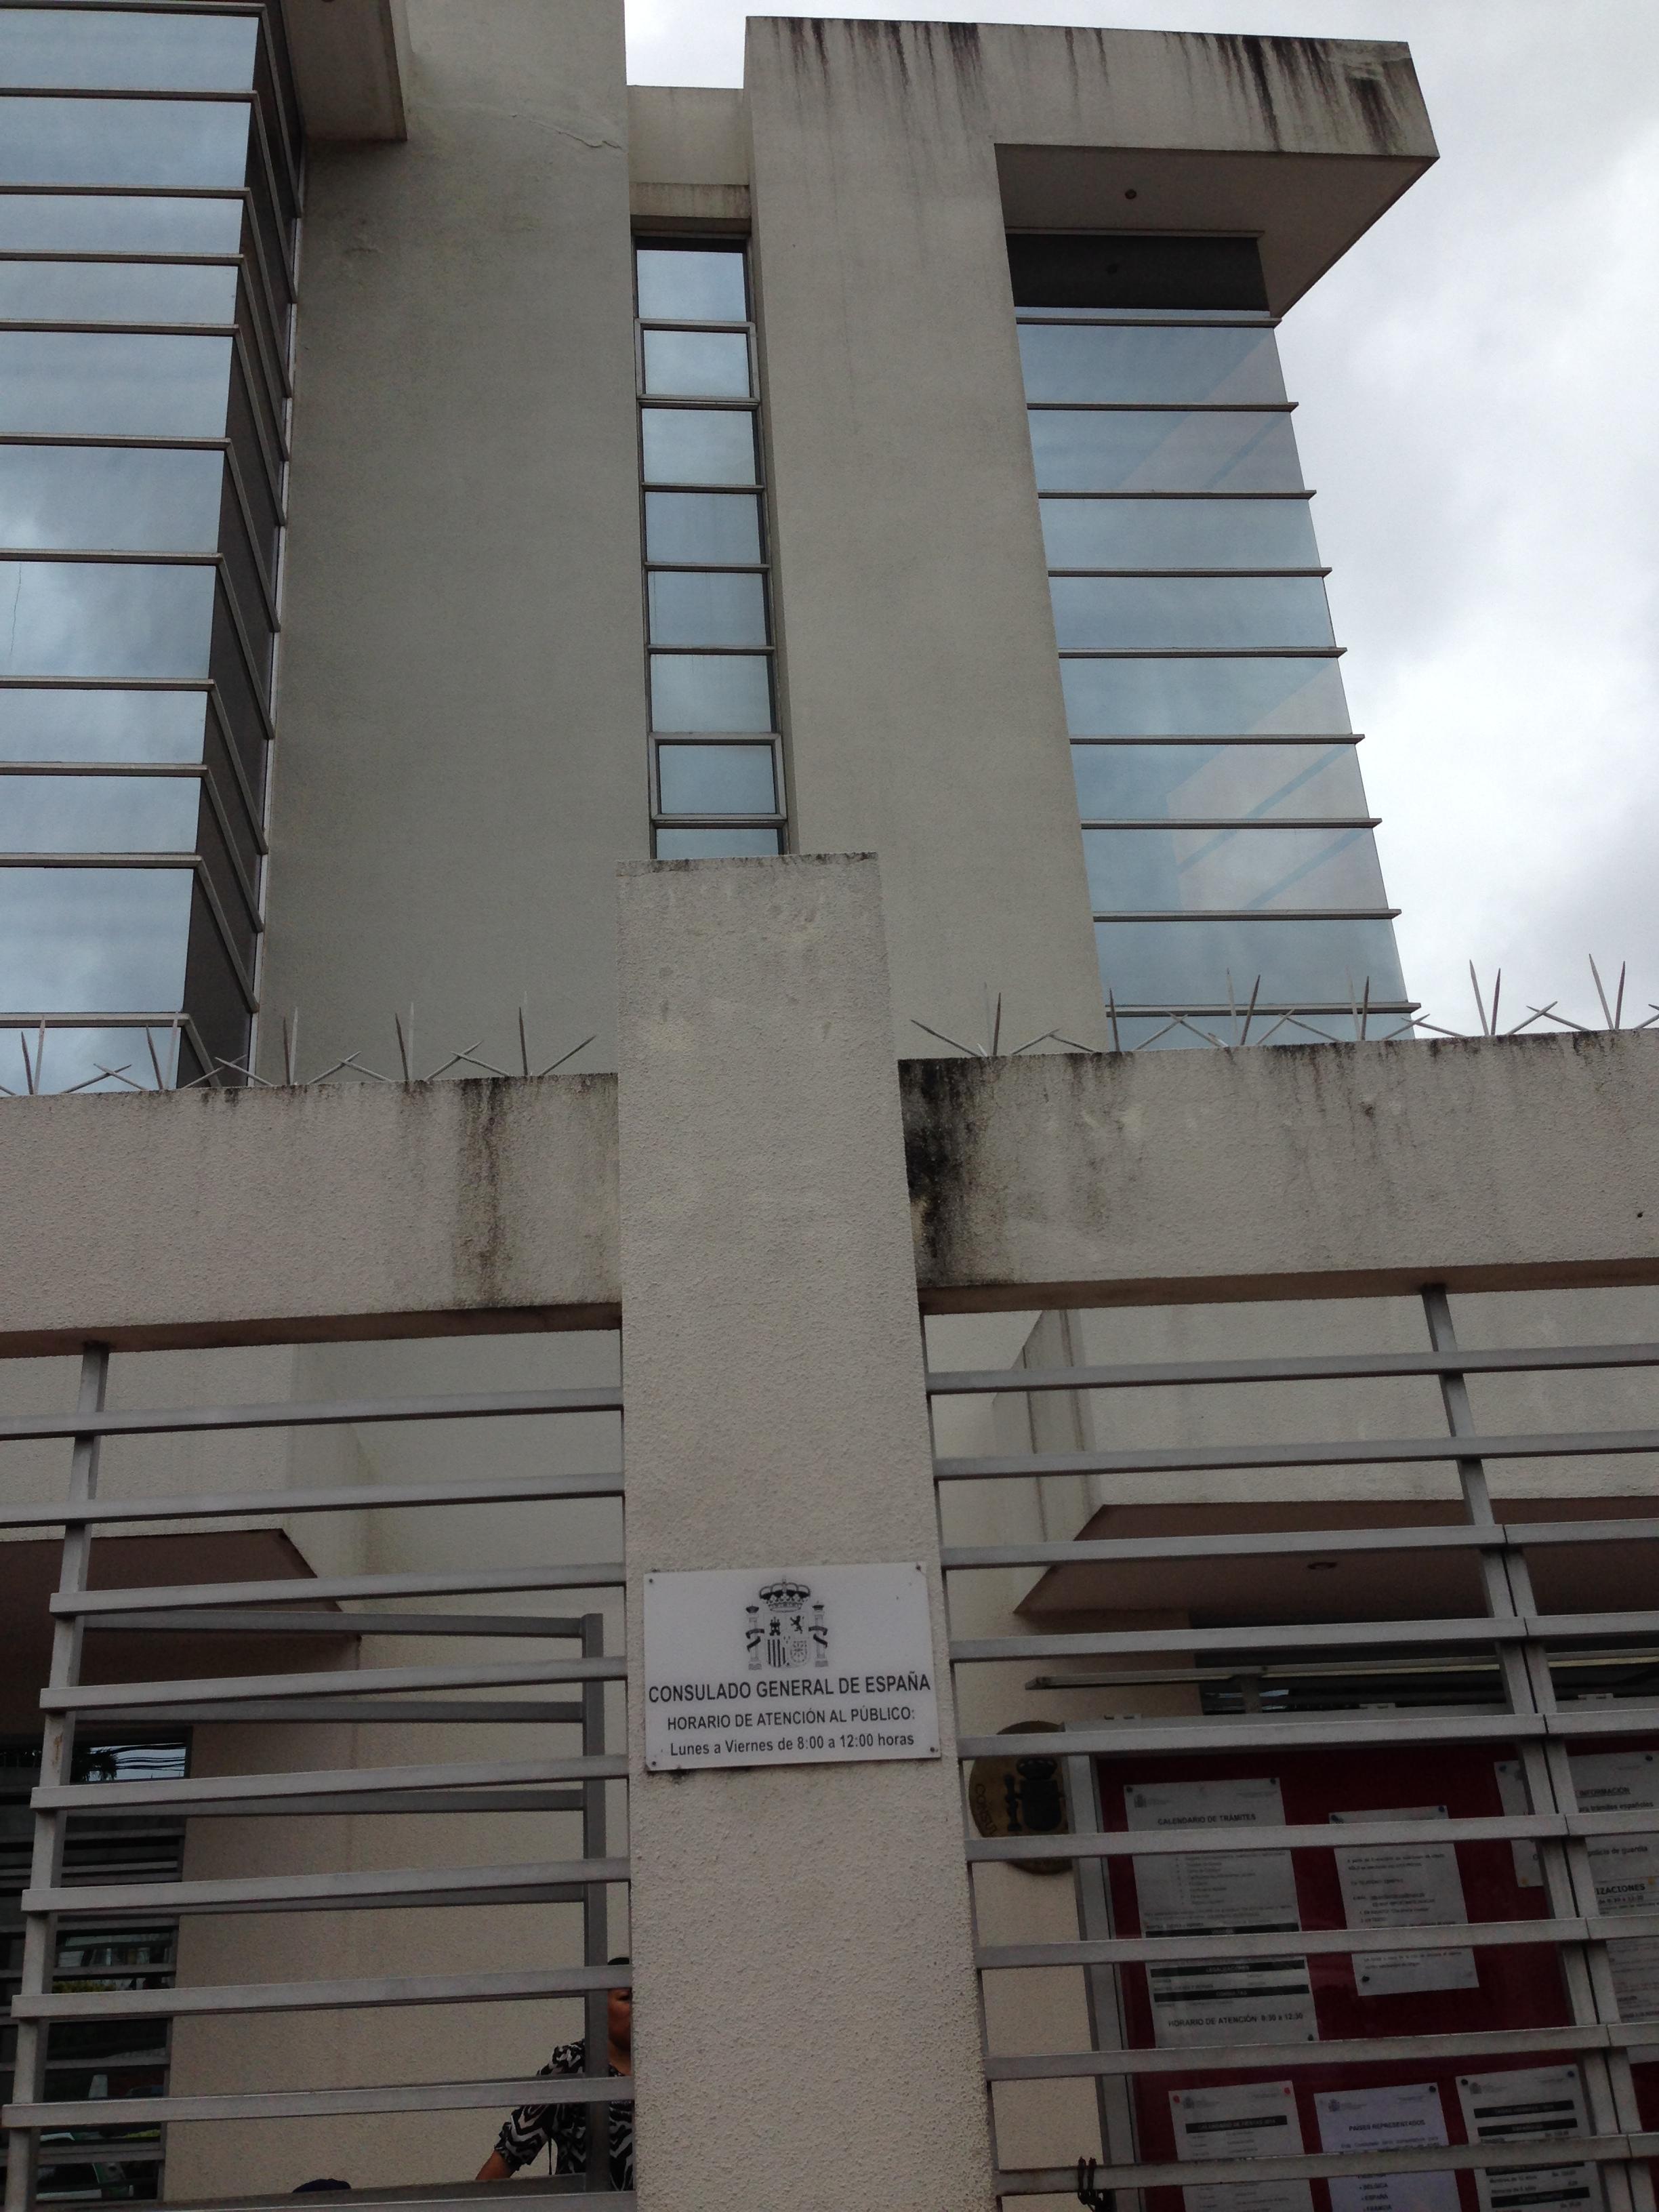 Consulado General de España en Santa Cruz